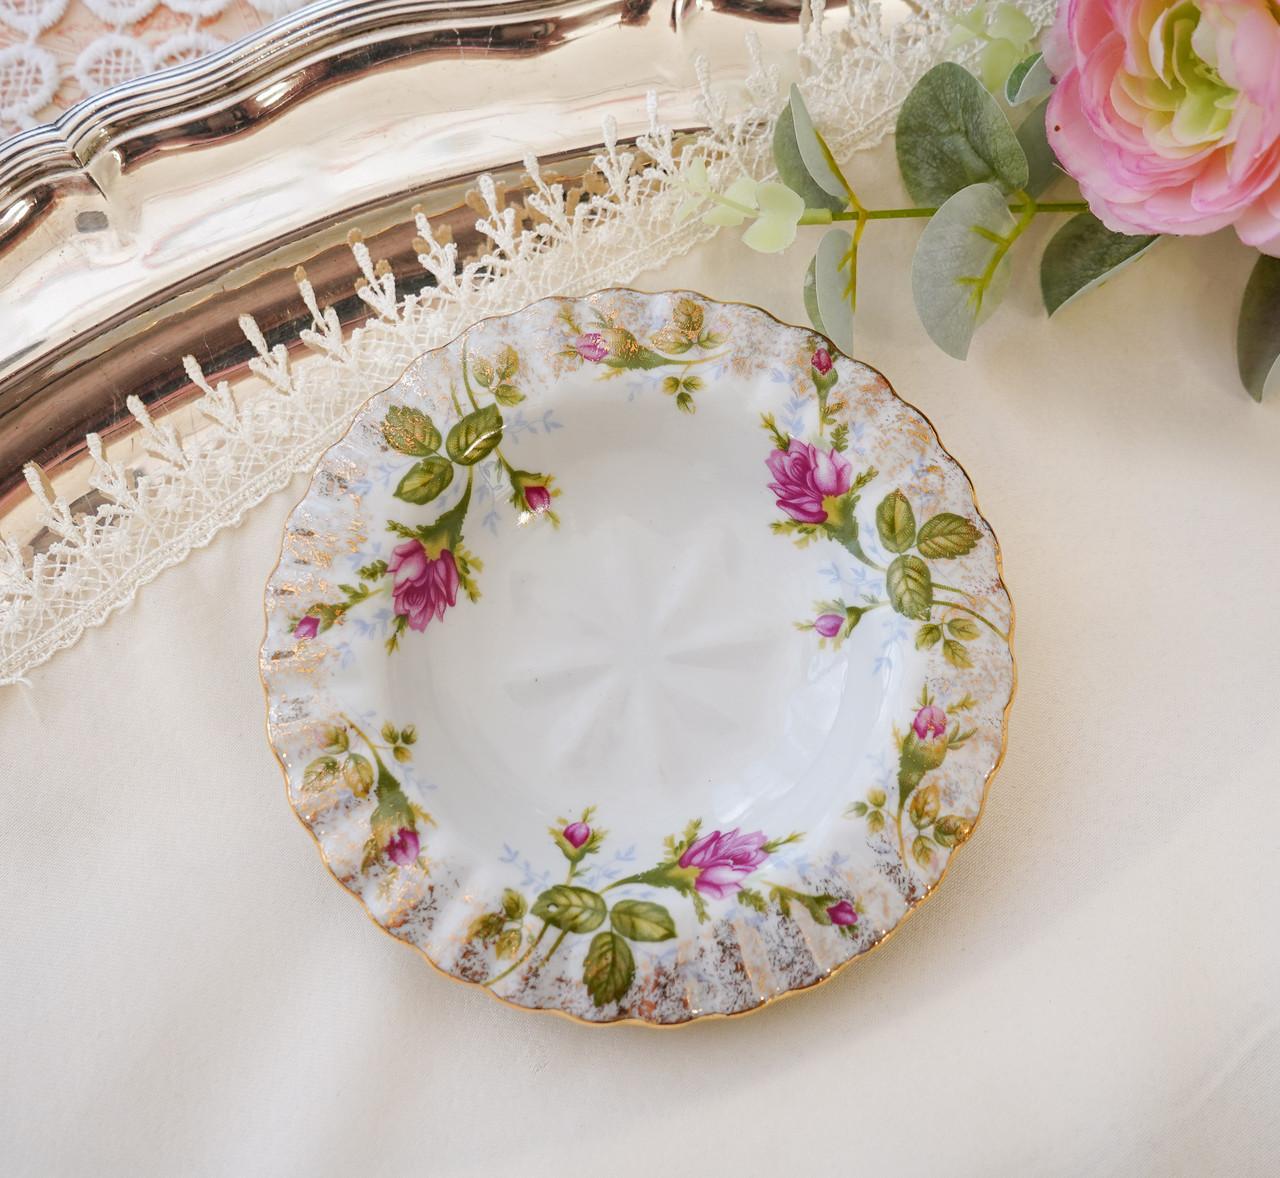 Винтажная фарфоровая тарелочка, блюдце для колец, розетка для варенья от Chodziez, Польша